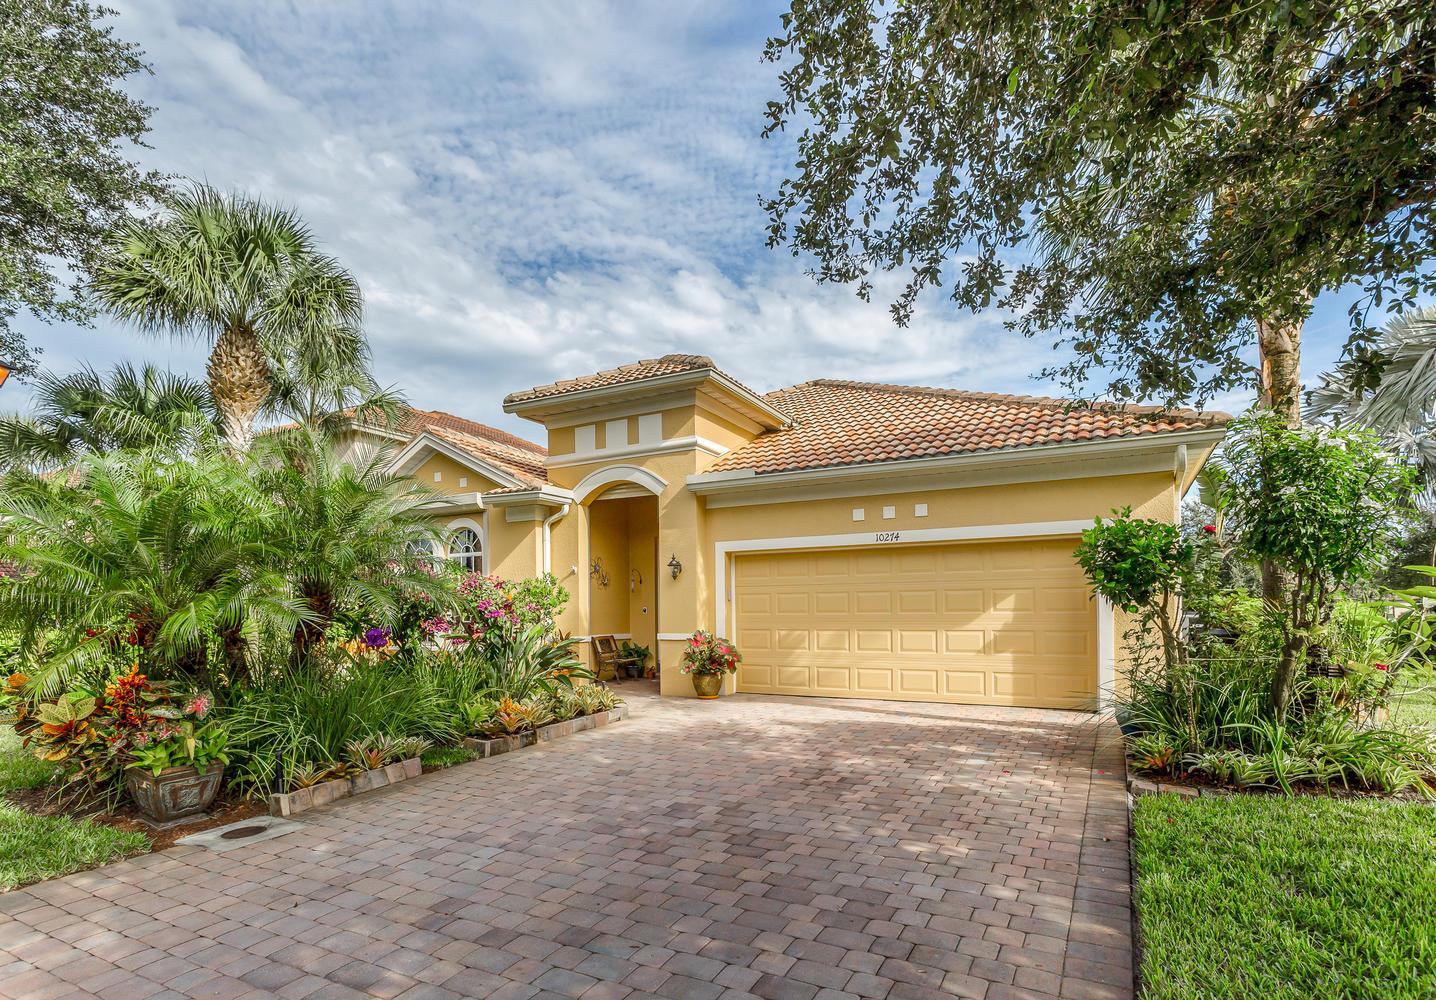 10274 Cobble Hill Road in Cobblestone at Hawthorne in Bonita Springs FL